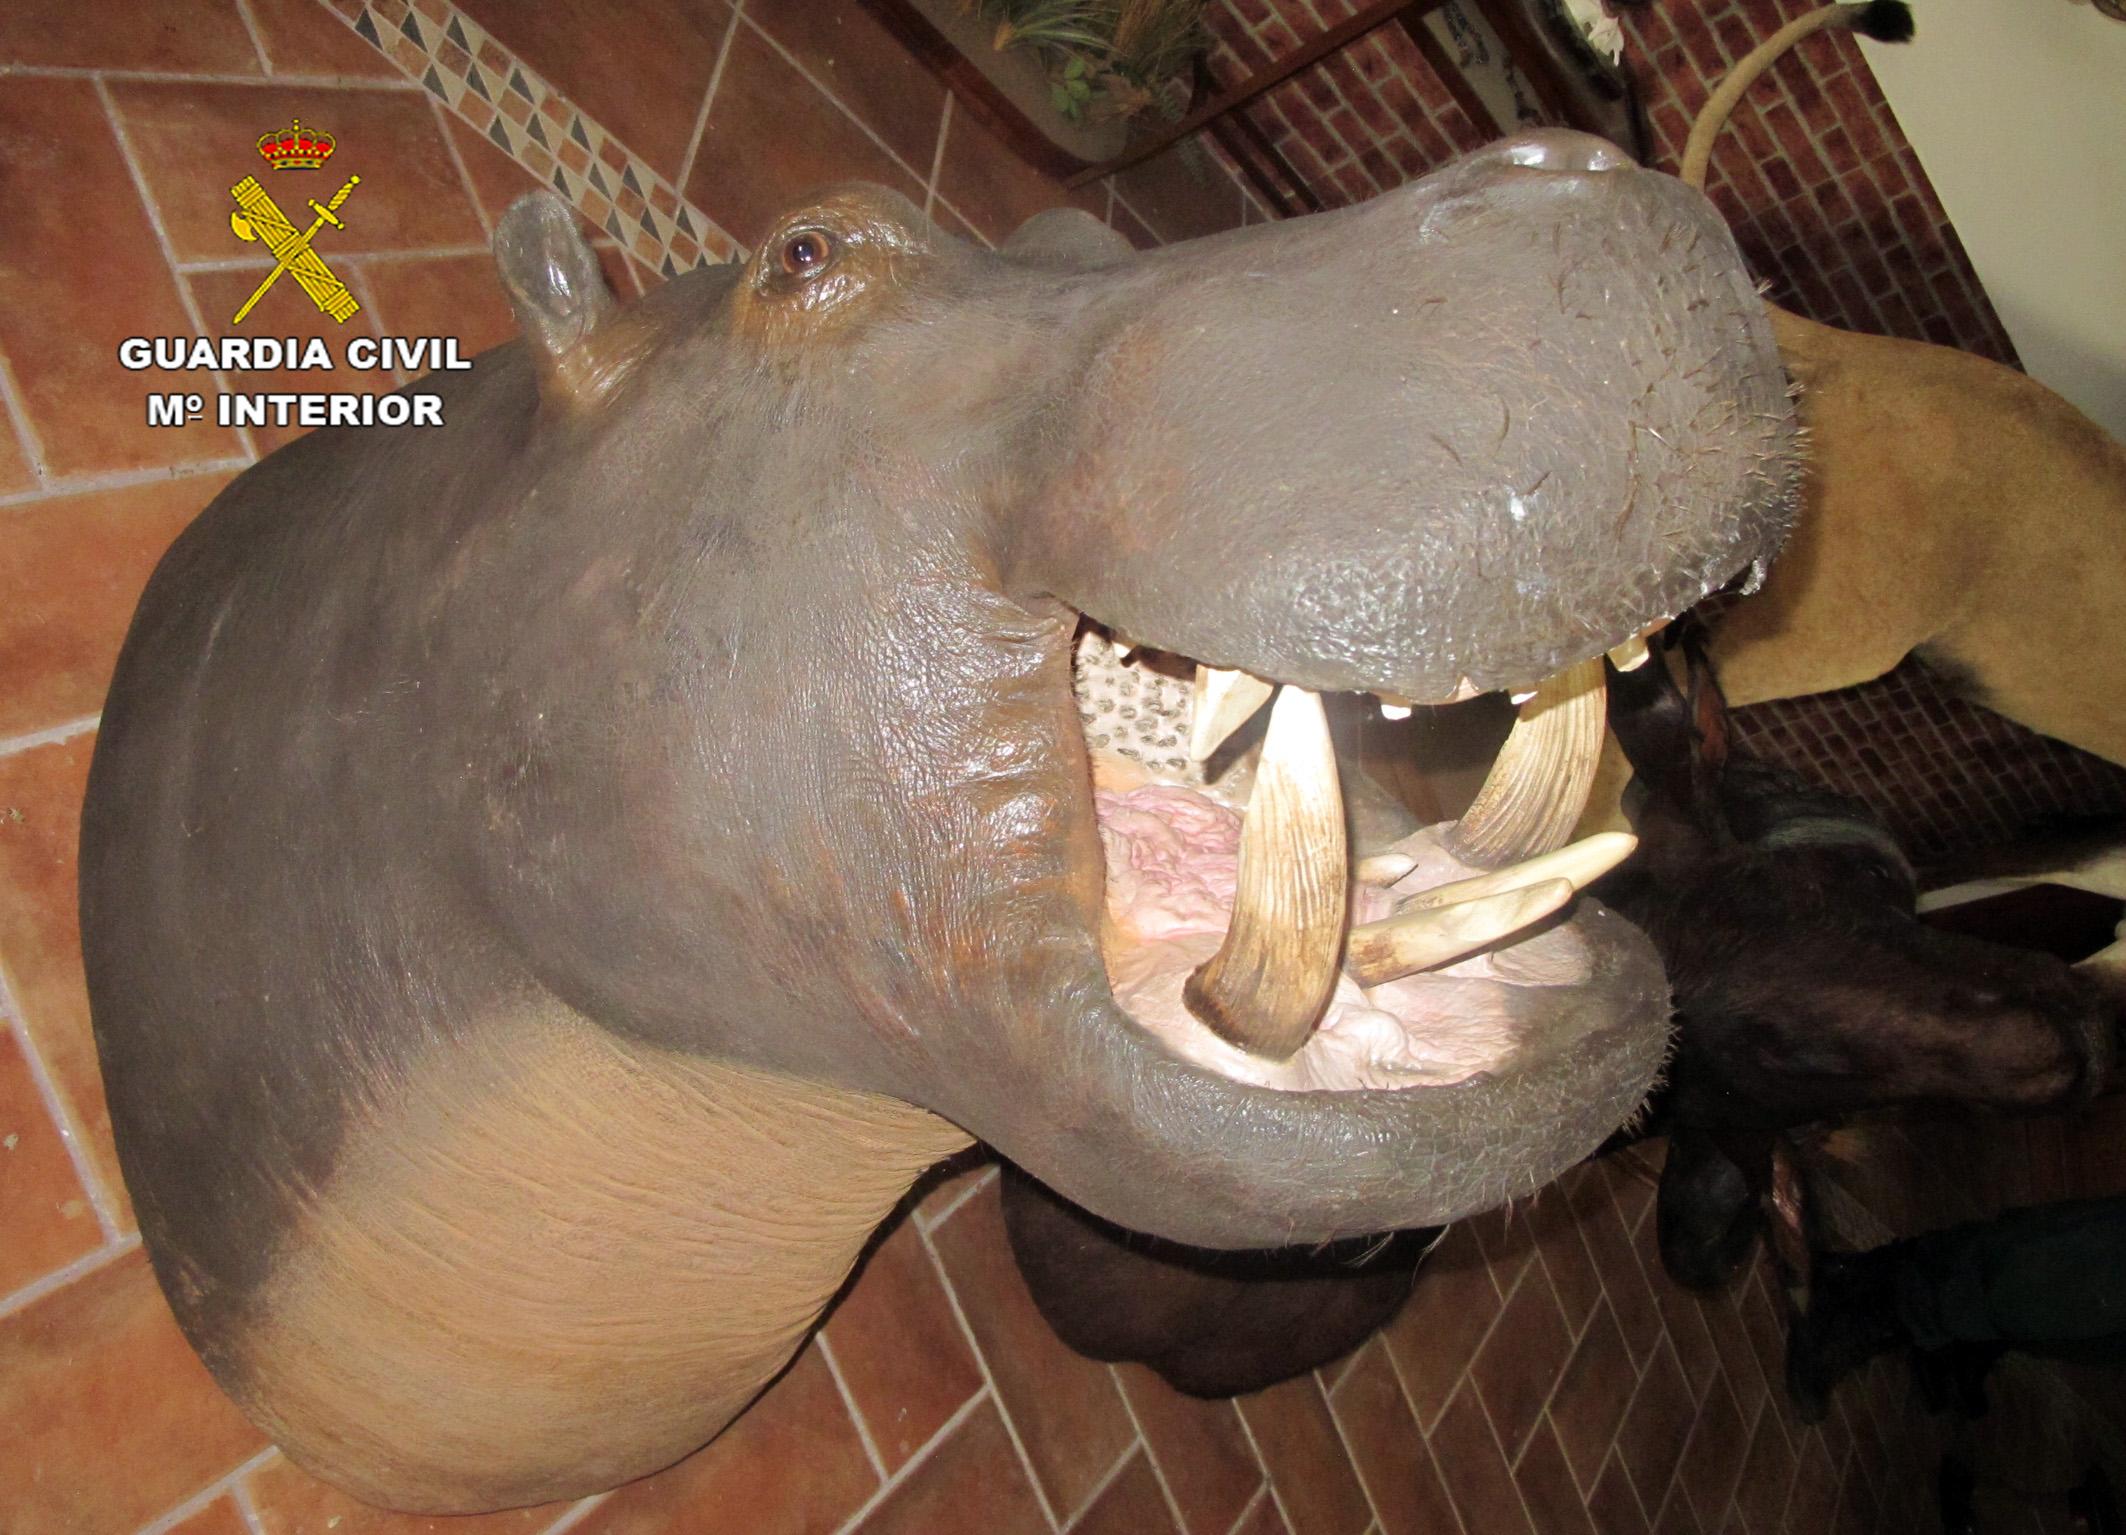 Cabeza de hipopótamo. Imagen: Seprona